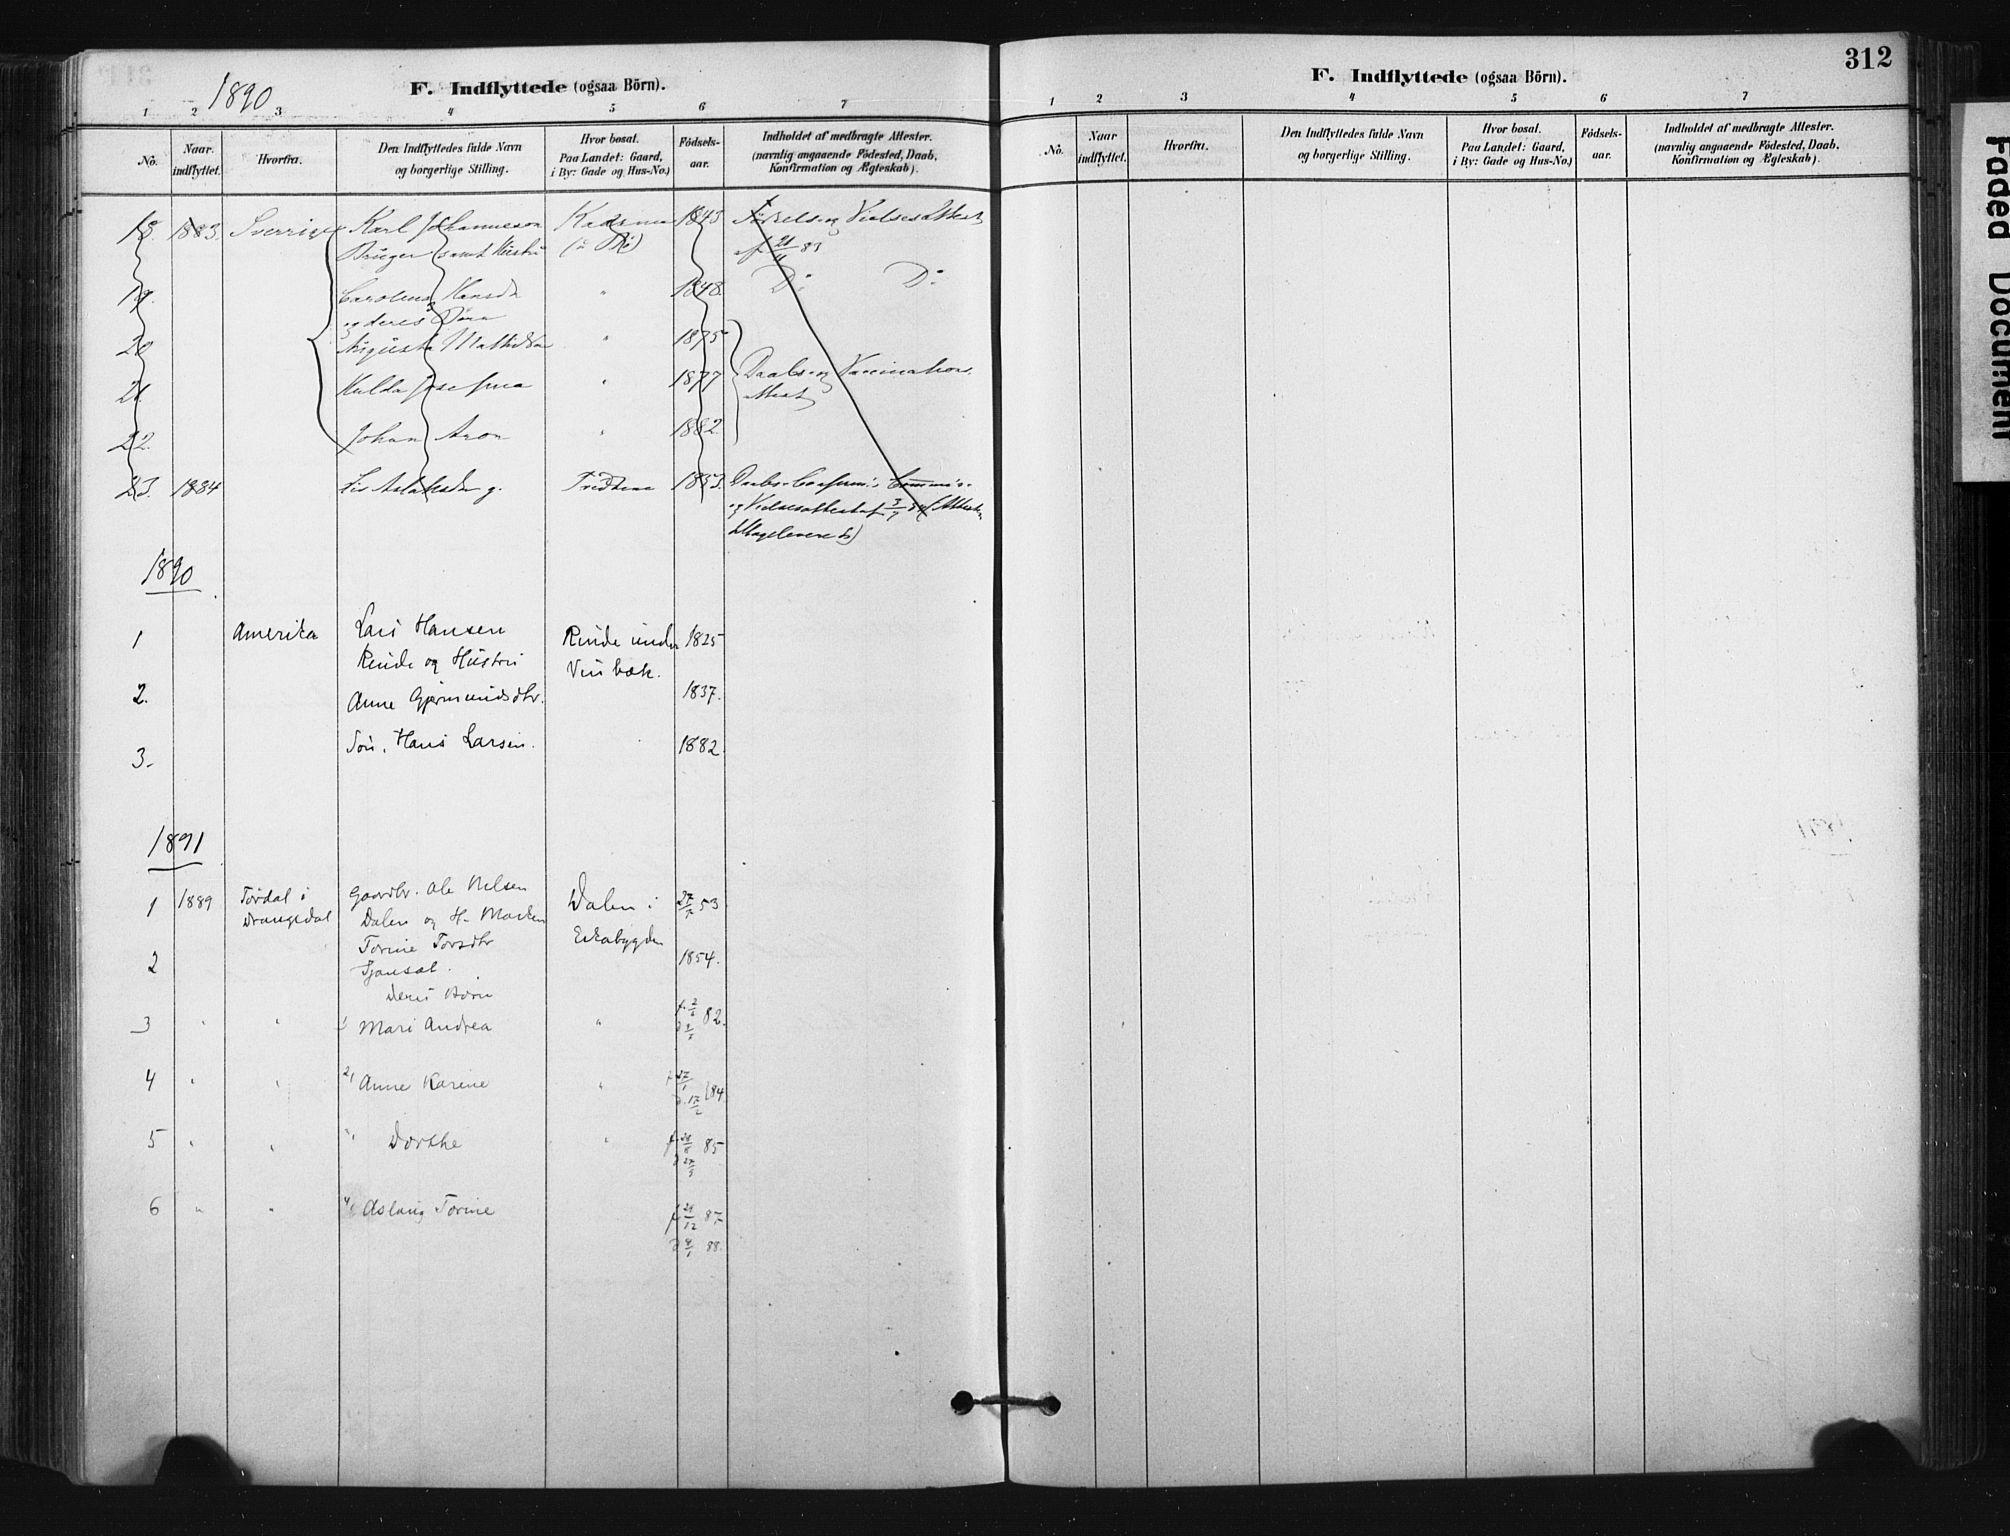 SAKO, Bø kirkebøker, F/Fa/L0010: Ministerialbok nr. 10, 1880-1892, s. 312